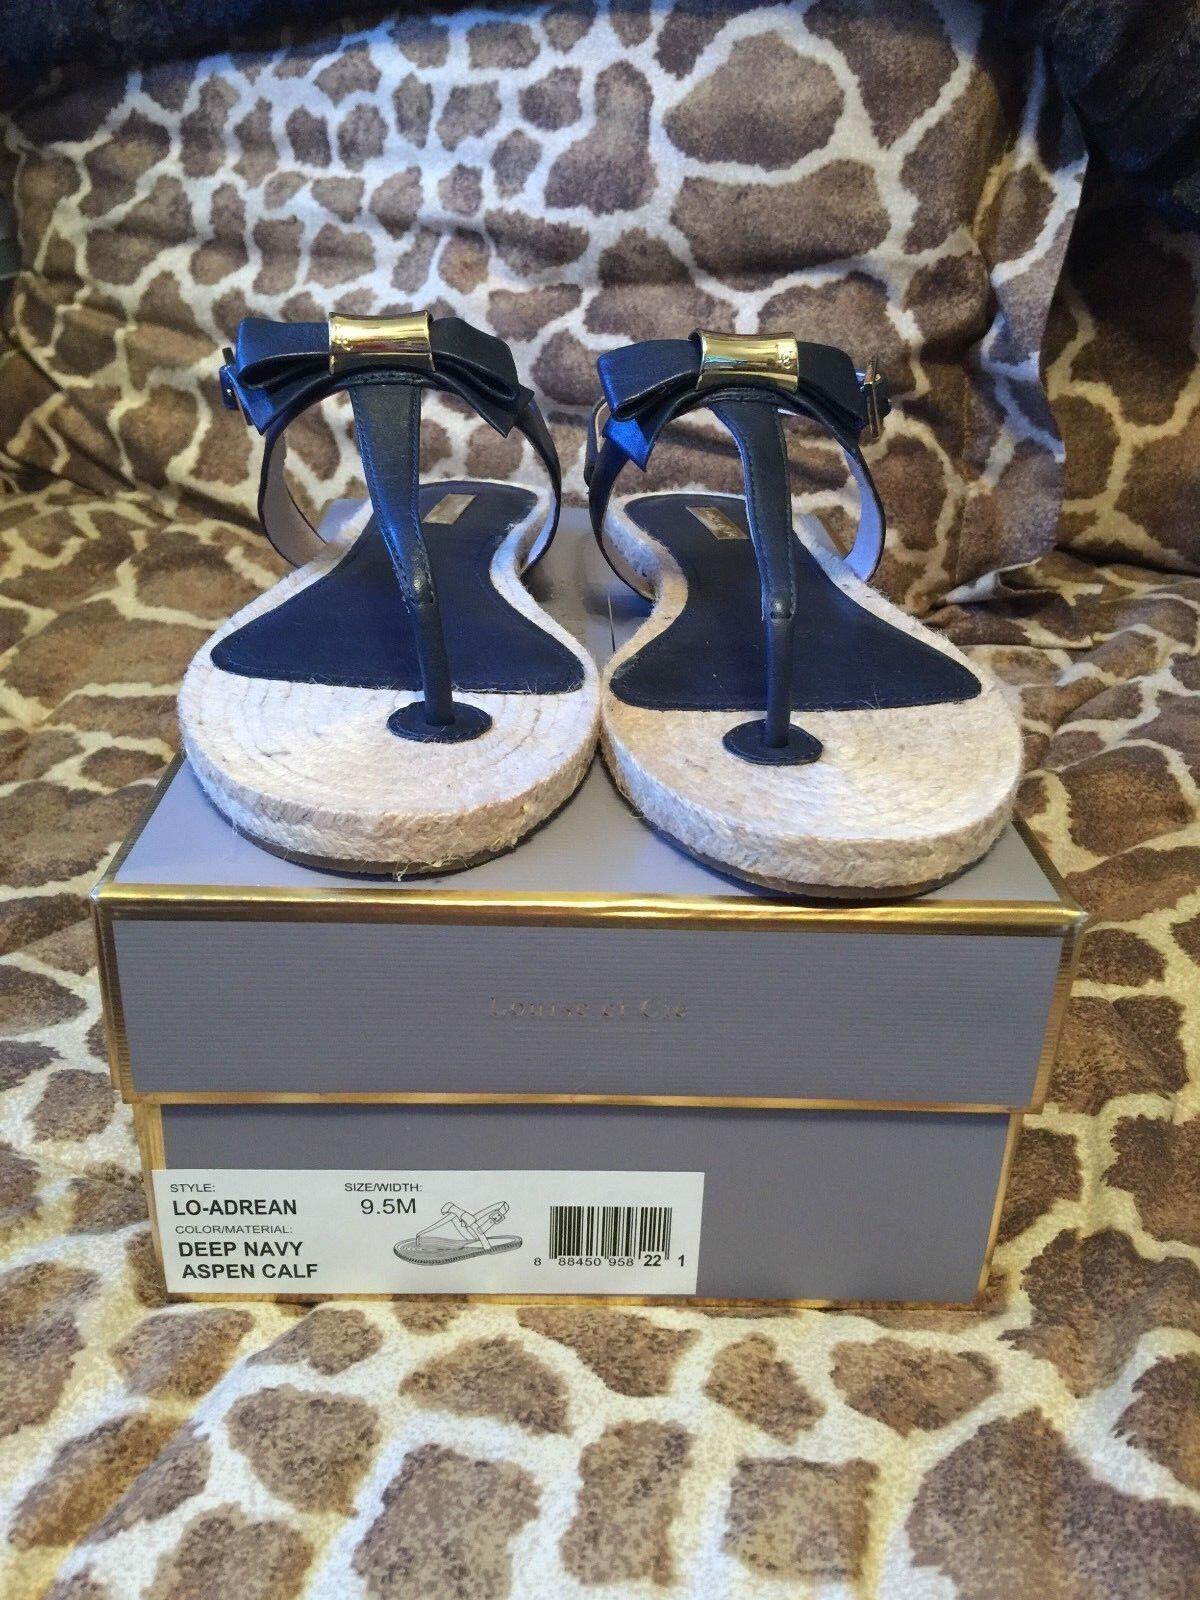 NIB Louise Louise Louise et Cie Lo-Adrean Deep Navy Aspen Calf Leather Sandal 9.5M RV  99 3fa74c